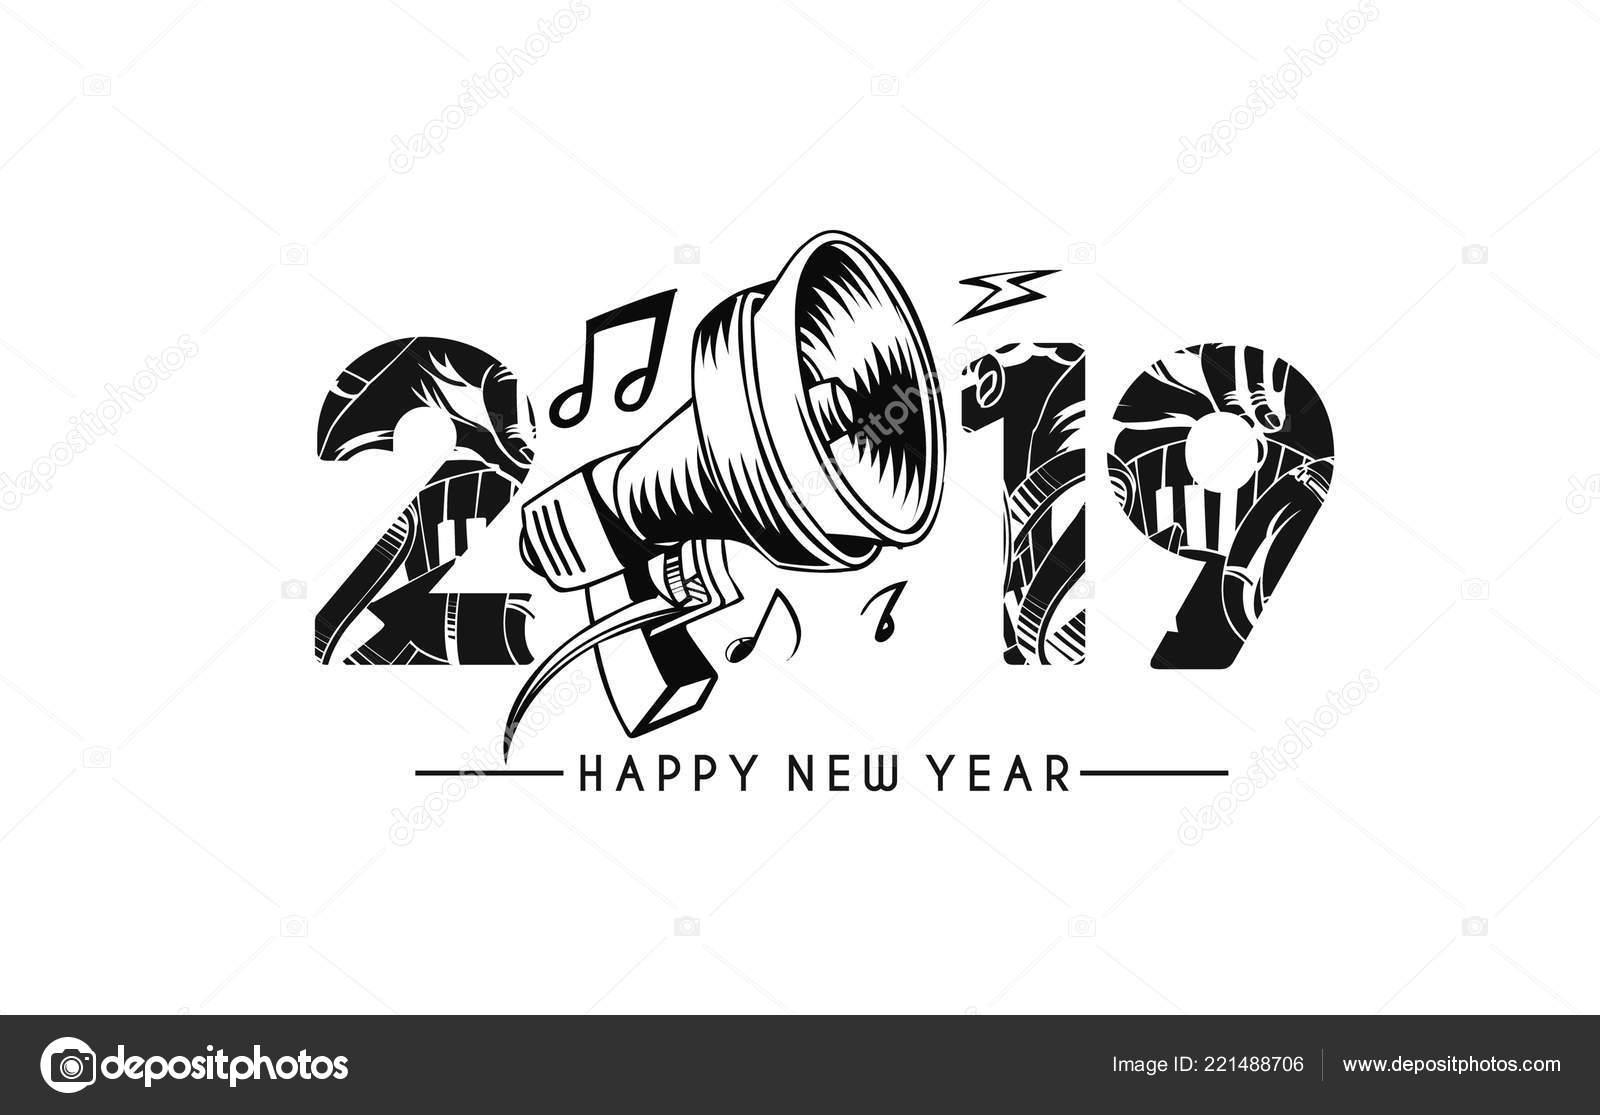 Gelukkig Nieuwjaar Tekst Met Muziek Element Ontwerp